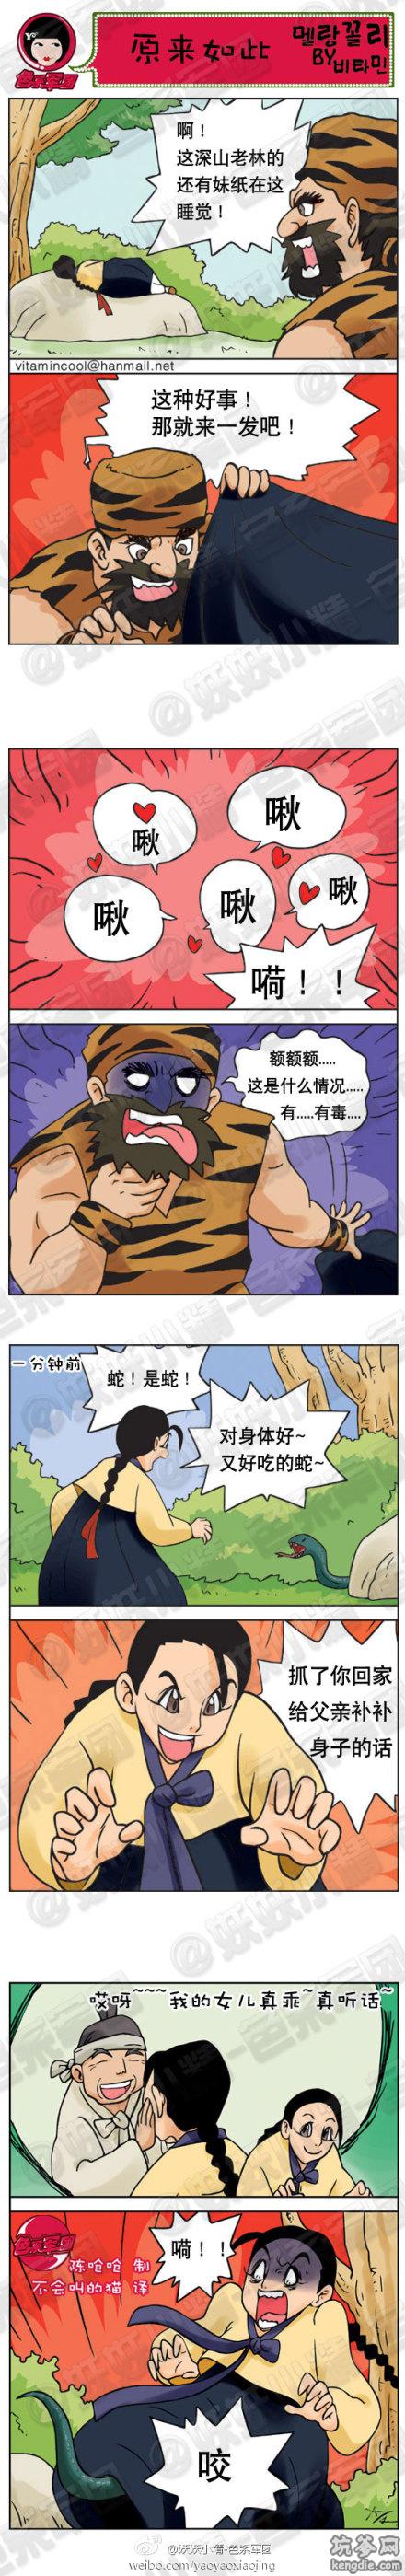 色系军团邪恶漫画:性急的猎人